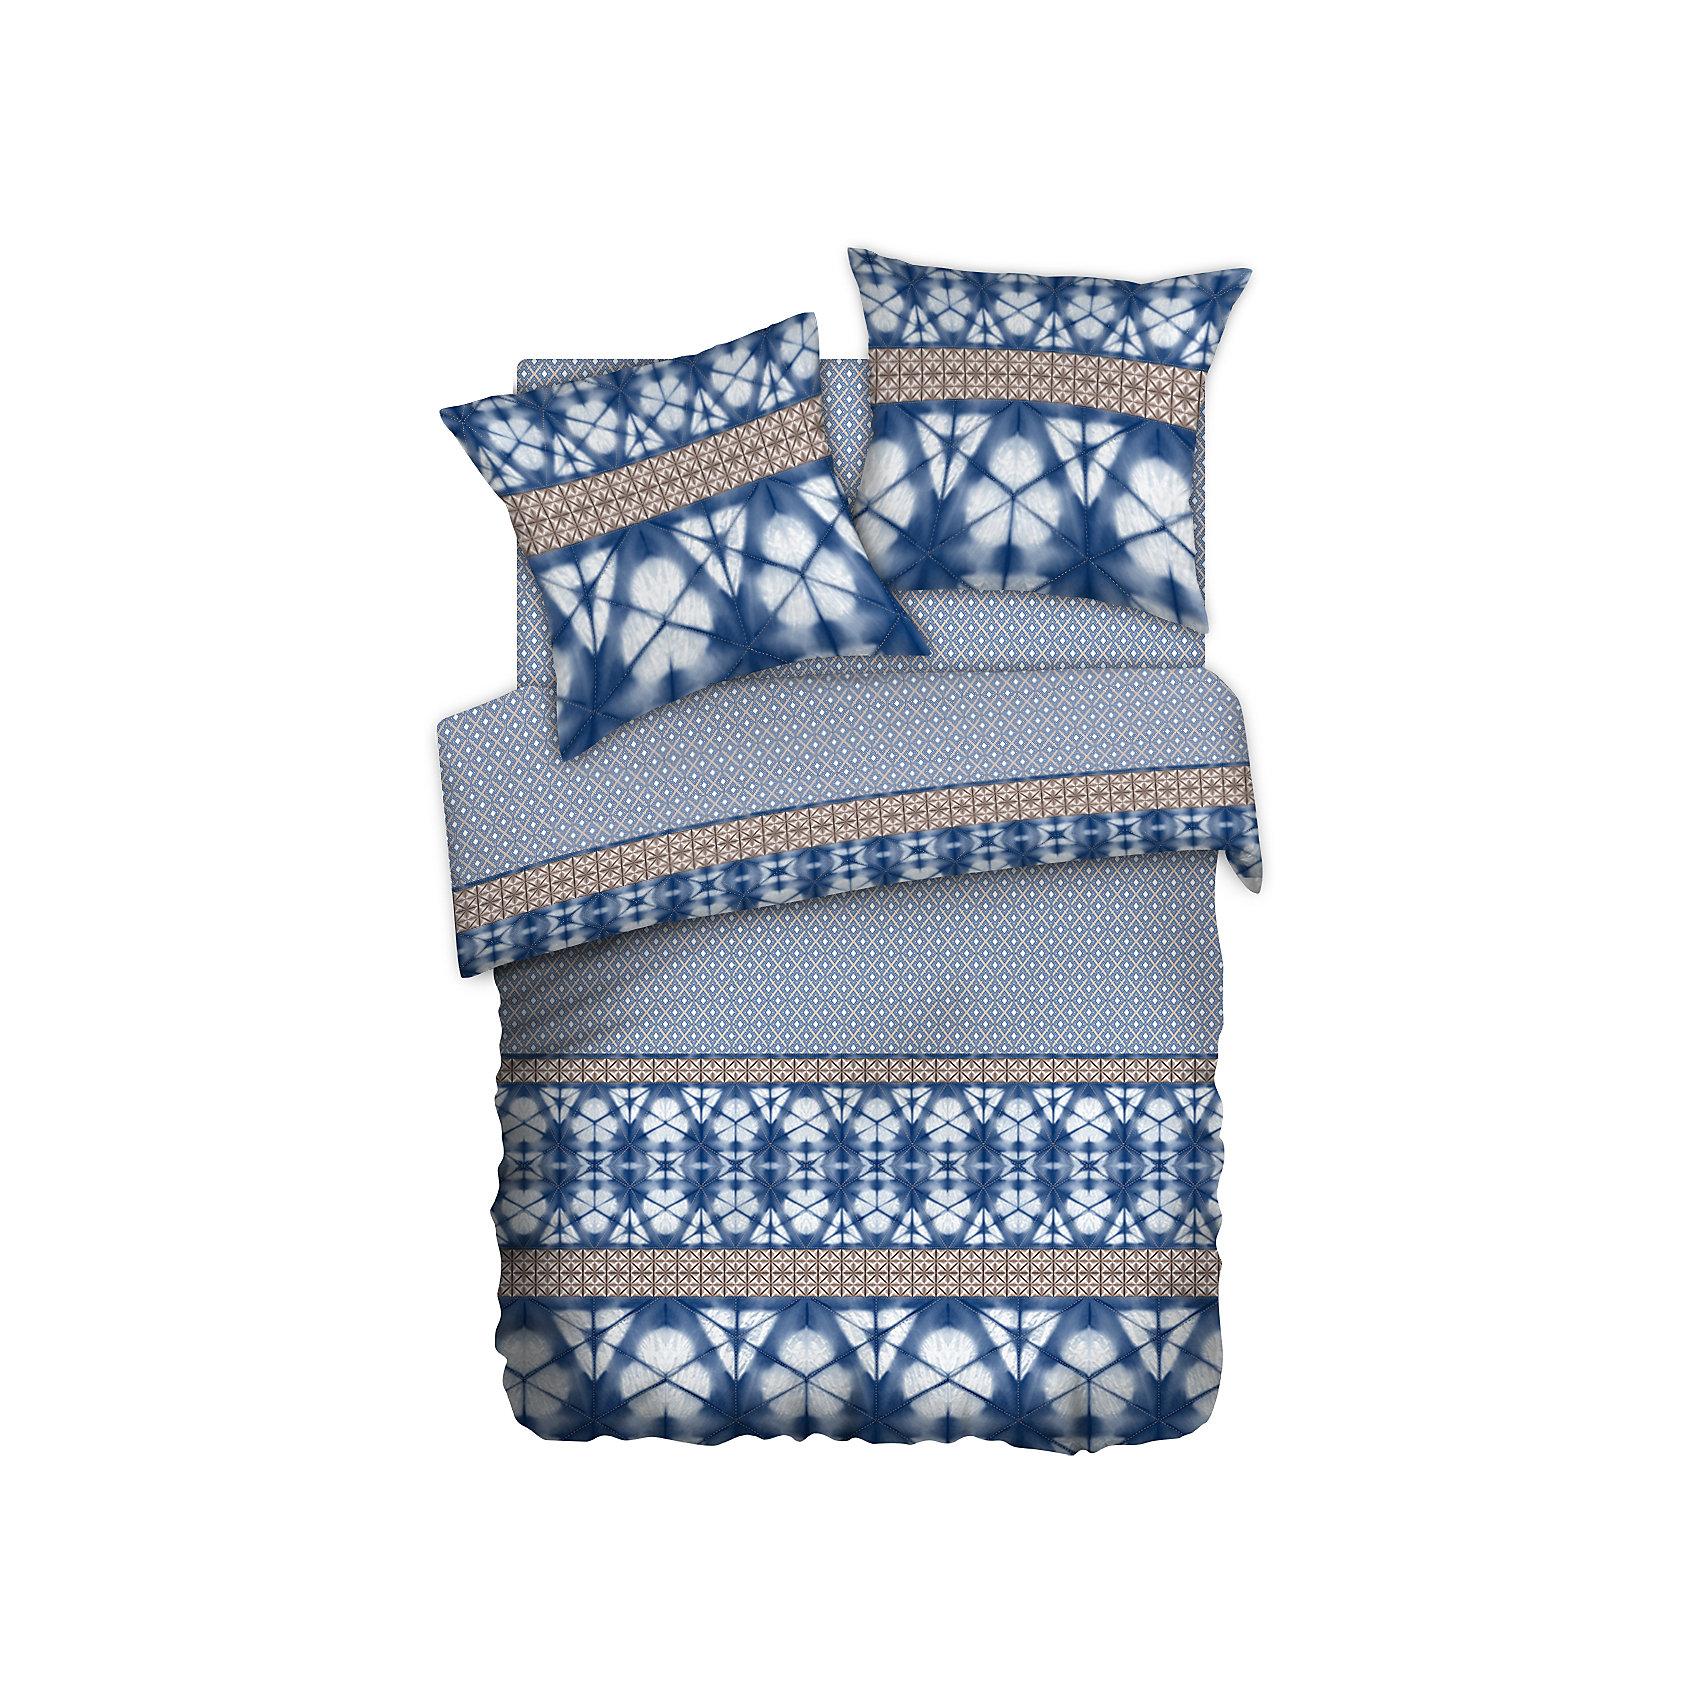 Постельное белье Евро Shibori (70*70), перкаль, Carte BlancheДомашний текстиль<br>Постельное белье Евро Shibori (70*70), перкаль, Carte Blanche, (Карт Бланш)<br><br>Характеристики:<br><br>• привлекательный дизайн<br>• в комплекте: пододеяльник, простыня, наволочки (2 шт.)<br>• застежка: прорезь<br>• материал: перкаль (100% хлопок)<br>• размер пододеяльника: 215х220 см<br>• размер простыни: 220х240 см<br>• размер наволочки: 70х70 см<br><br>Комплект постельного белья Carte Blanche состоит из пододеяльника, простыни и двух наволочек. Они изготовлены из высококачественной ткани - перкаль. Перкаль - хлопковый материал из тончайших некрученых нитей. обладающий высокой прочностью. Белье не меняет свой вид и не выцветает после многочисленных стирок.  Специальная пропитка Wise Silk придаст белью мягкость. Комплект украшен приятным узором, создающим атмосферу гармонии в вашей спальне. Высококачественное постельное белье - залог крепкого и здорового сна!<br><br>Постельное белье Евро Shibori (70*70), перкаль, Carte Blanche, (Карт Бланш) вы можете купить в нашем интернет-магазине.<br><br>Ширина мм: 350<br>Глубина мм: 290<br>Высота мм: 150<br>Вес г: 2500<br>Возраст от месяцев: 216<br>Возраст до месяцев: 1188<br>Пол: Унисекс<br>Возраст: Детский<br>SKU: 5288481